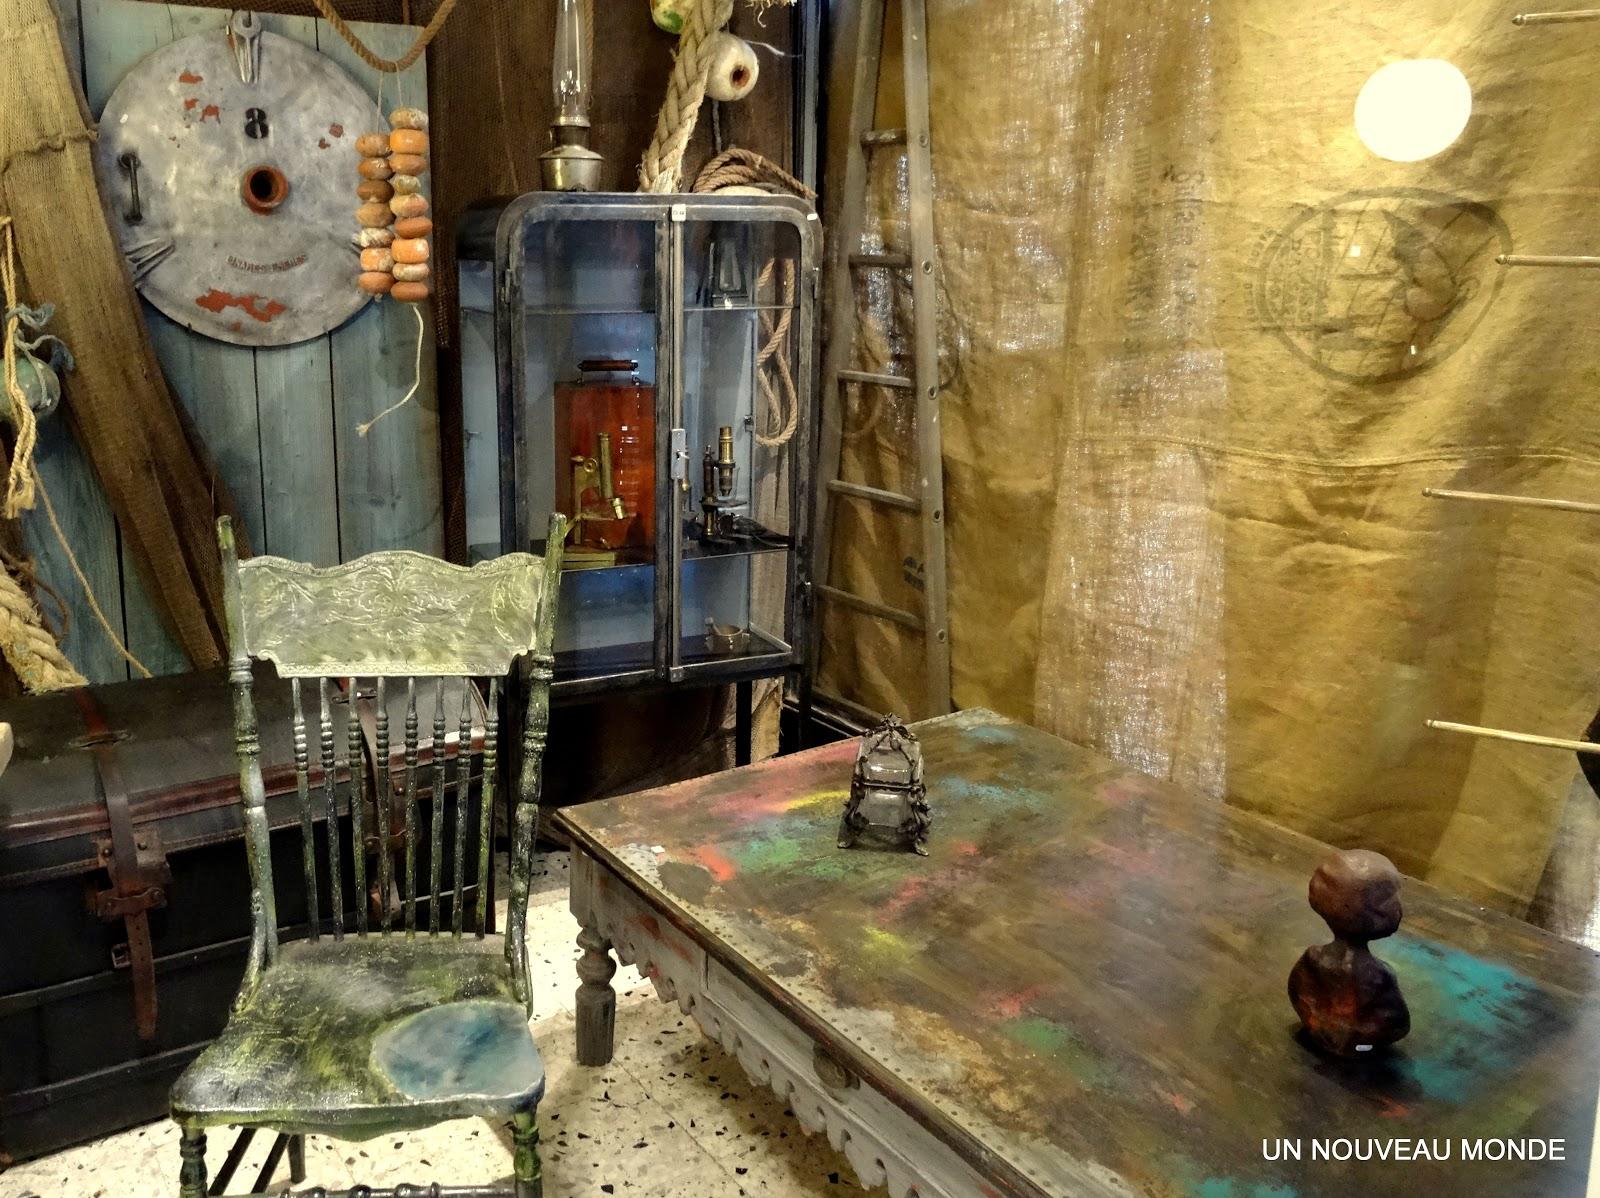 brocante d coration un nouveau monde vitrine de m decin en m tal ann es 30. Black Bedroom Furniture Sets. Home Design Ideas